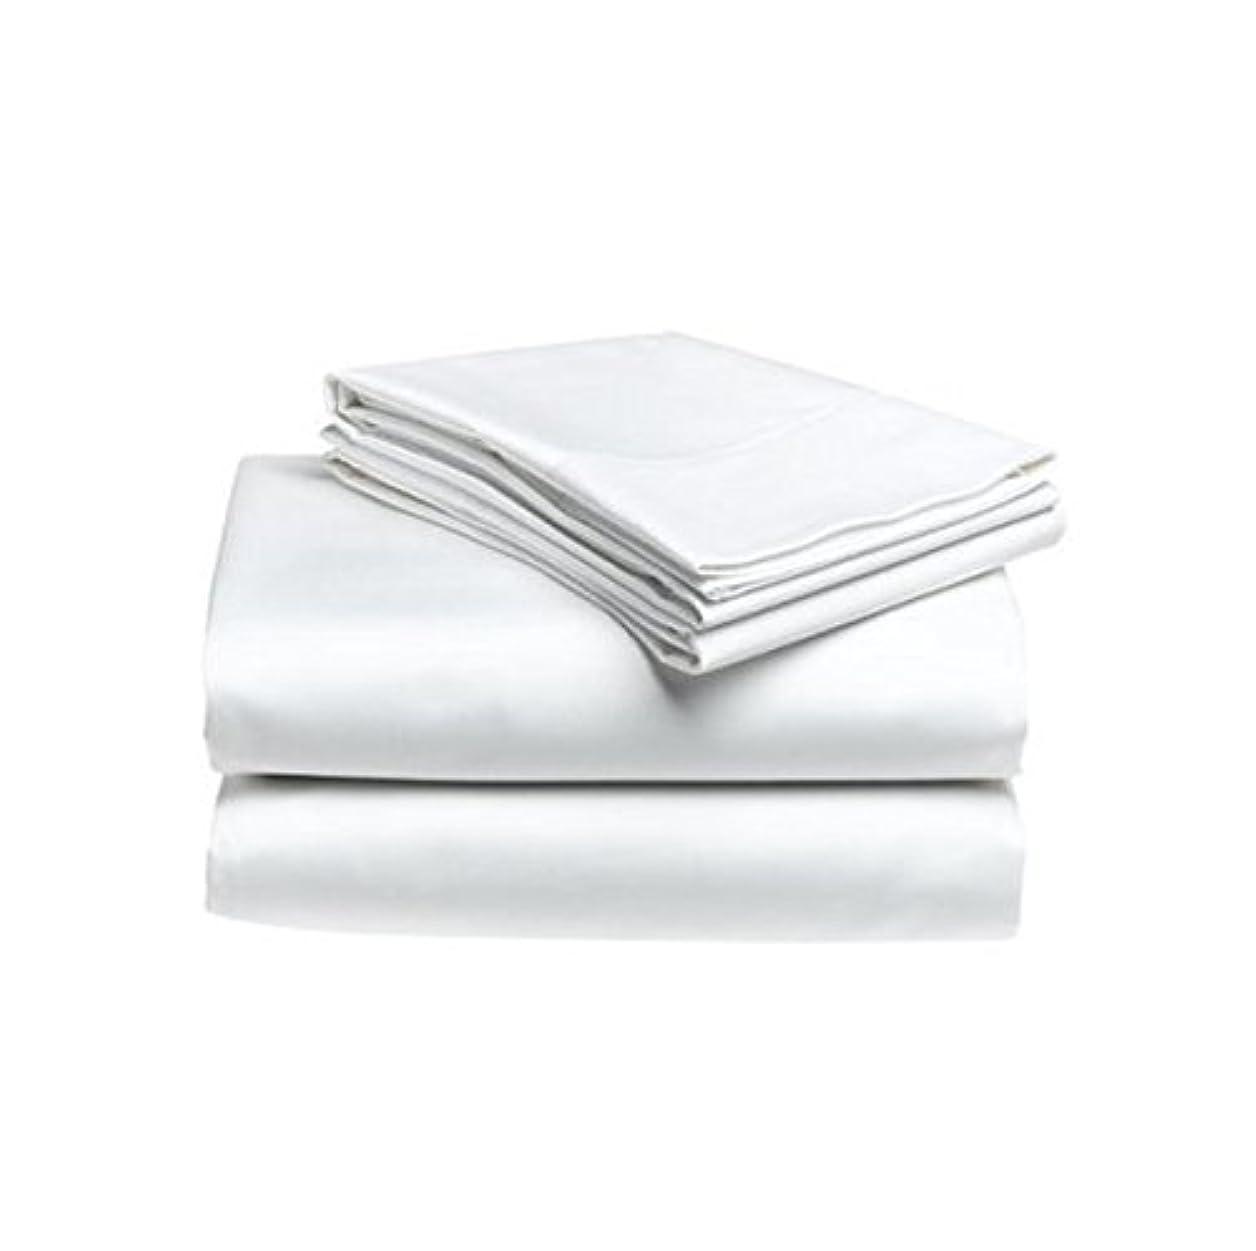 手を差し伸べる食品ミリメートル綿100% アンティーク風寝具カバー/二層のフリル模様グレーの掛け布団カバー/ベッドスカート/枕カバー